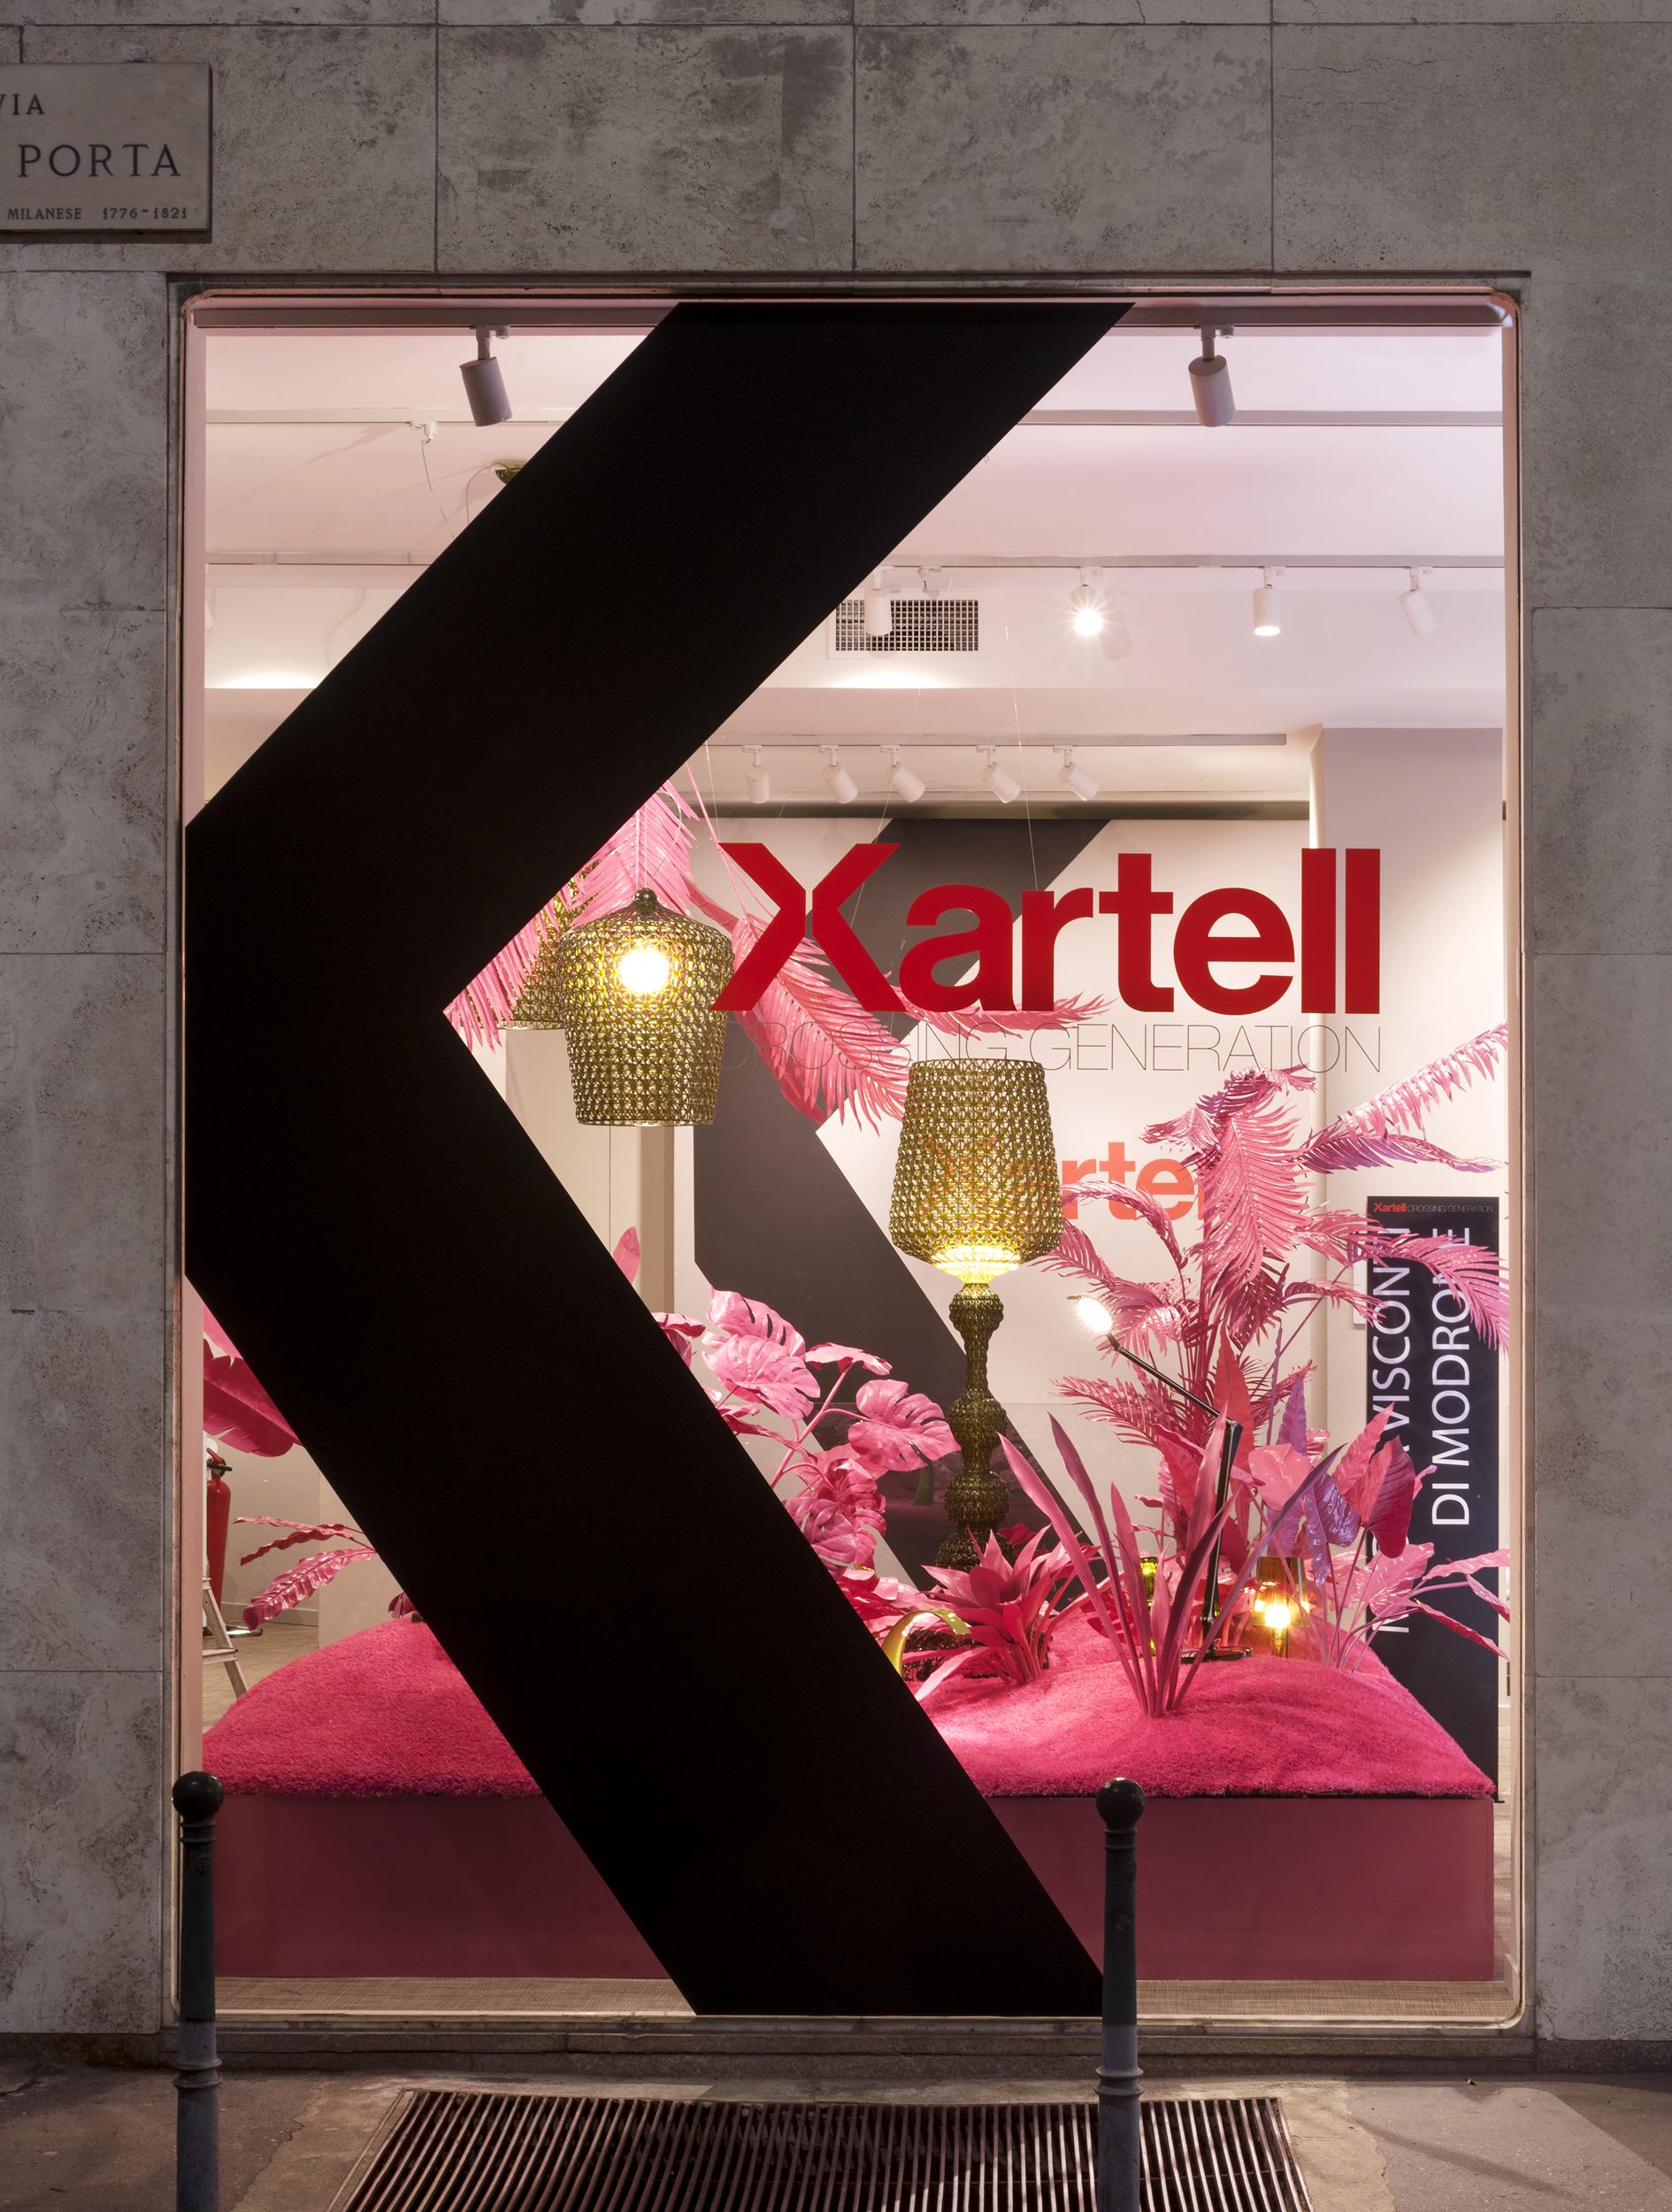 Kartell Crossing Generation Milan 18